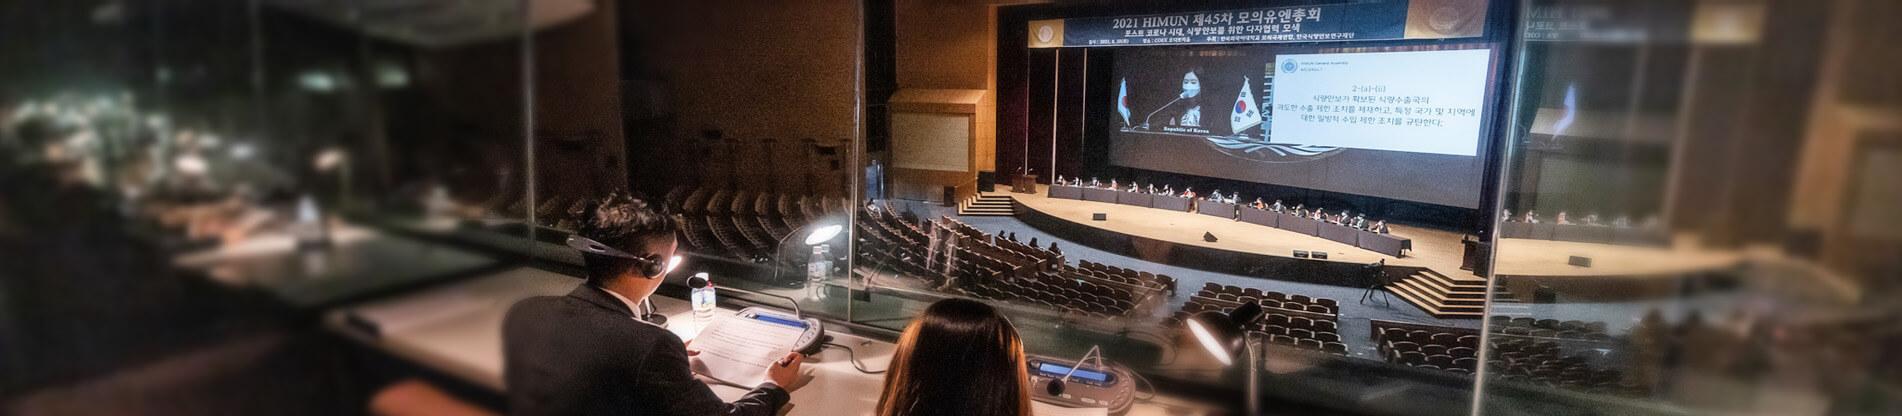 제45차 HIMUN 모의 유엔 총회